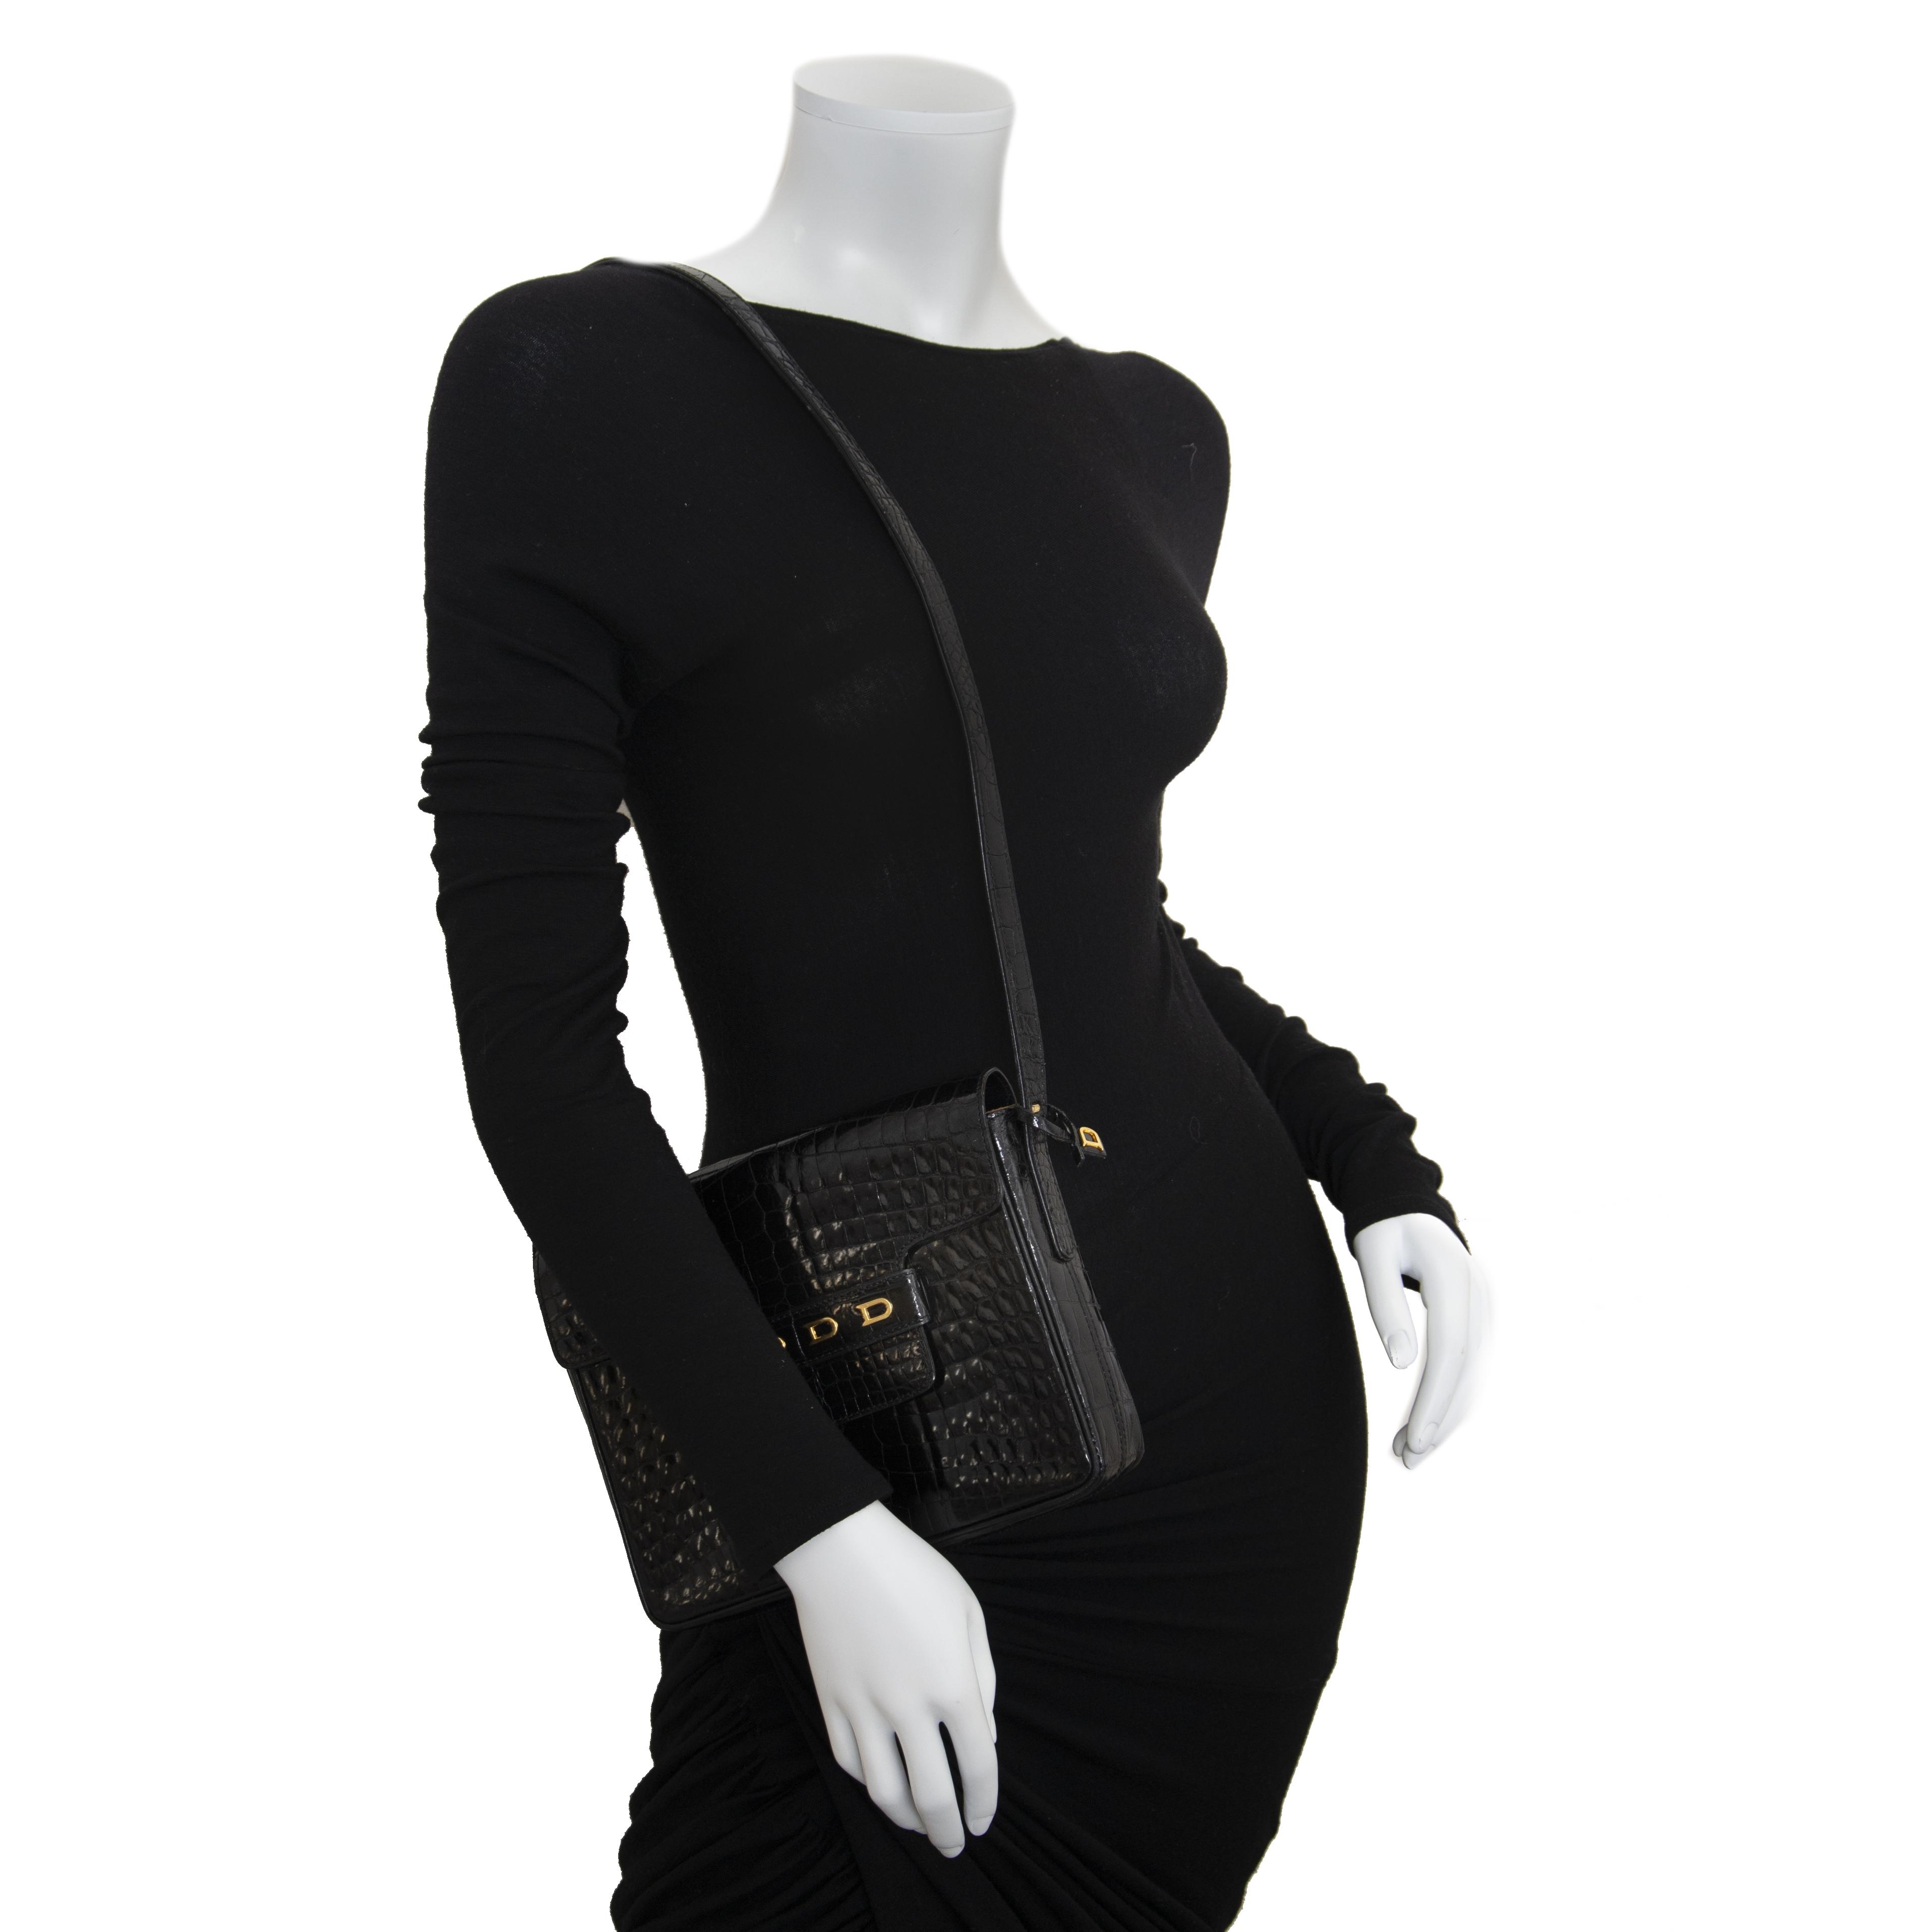 6307723ab703 ... Delvaux Black Croco D Cross Body Bag en ligne chez labellov.com pour le  meilleur